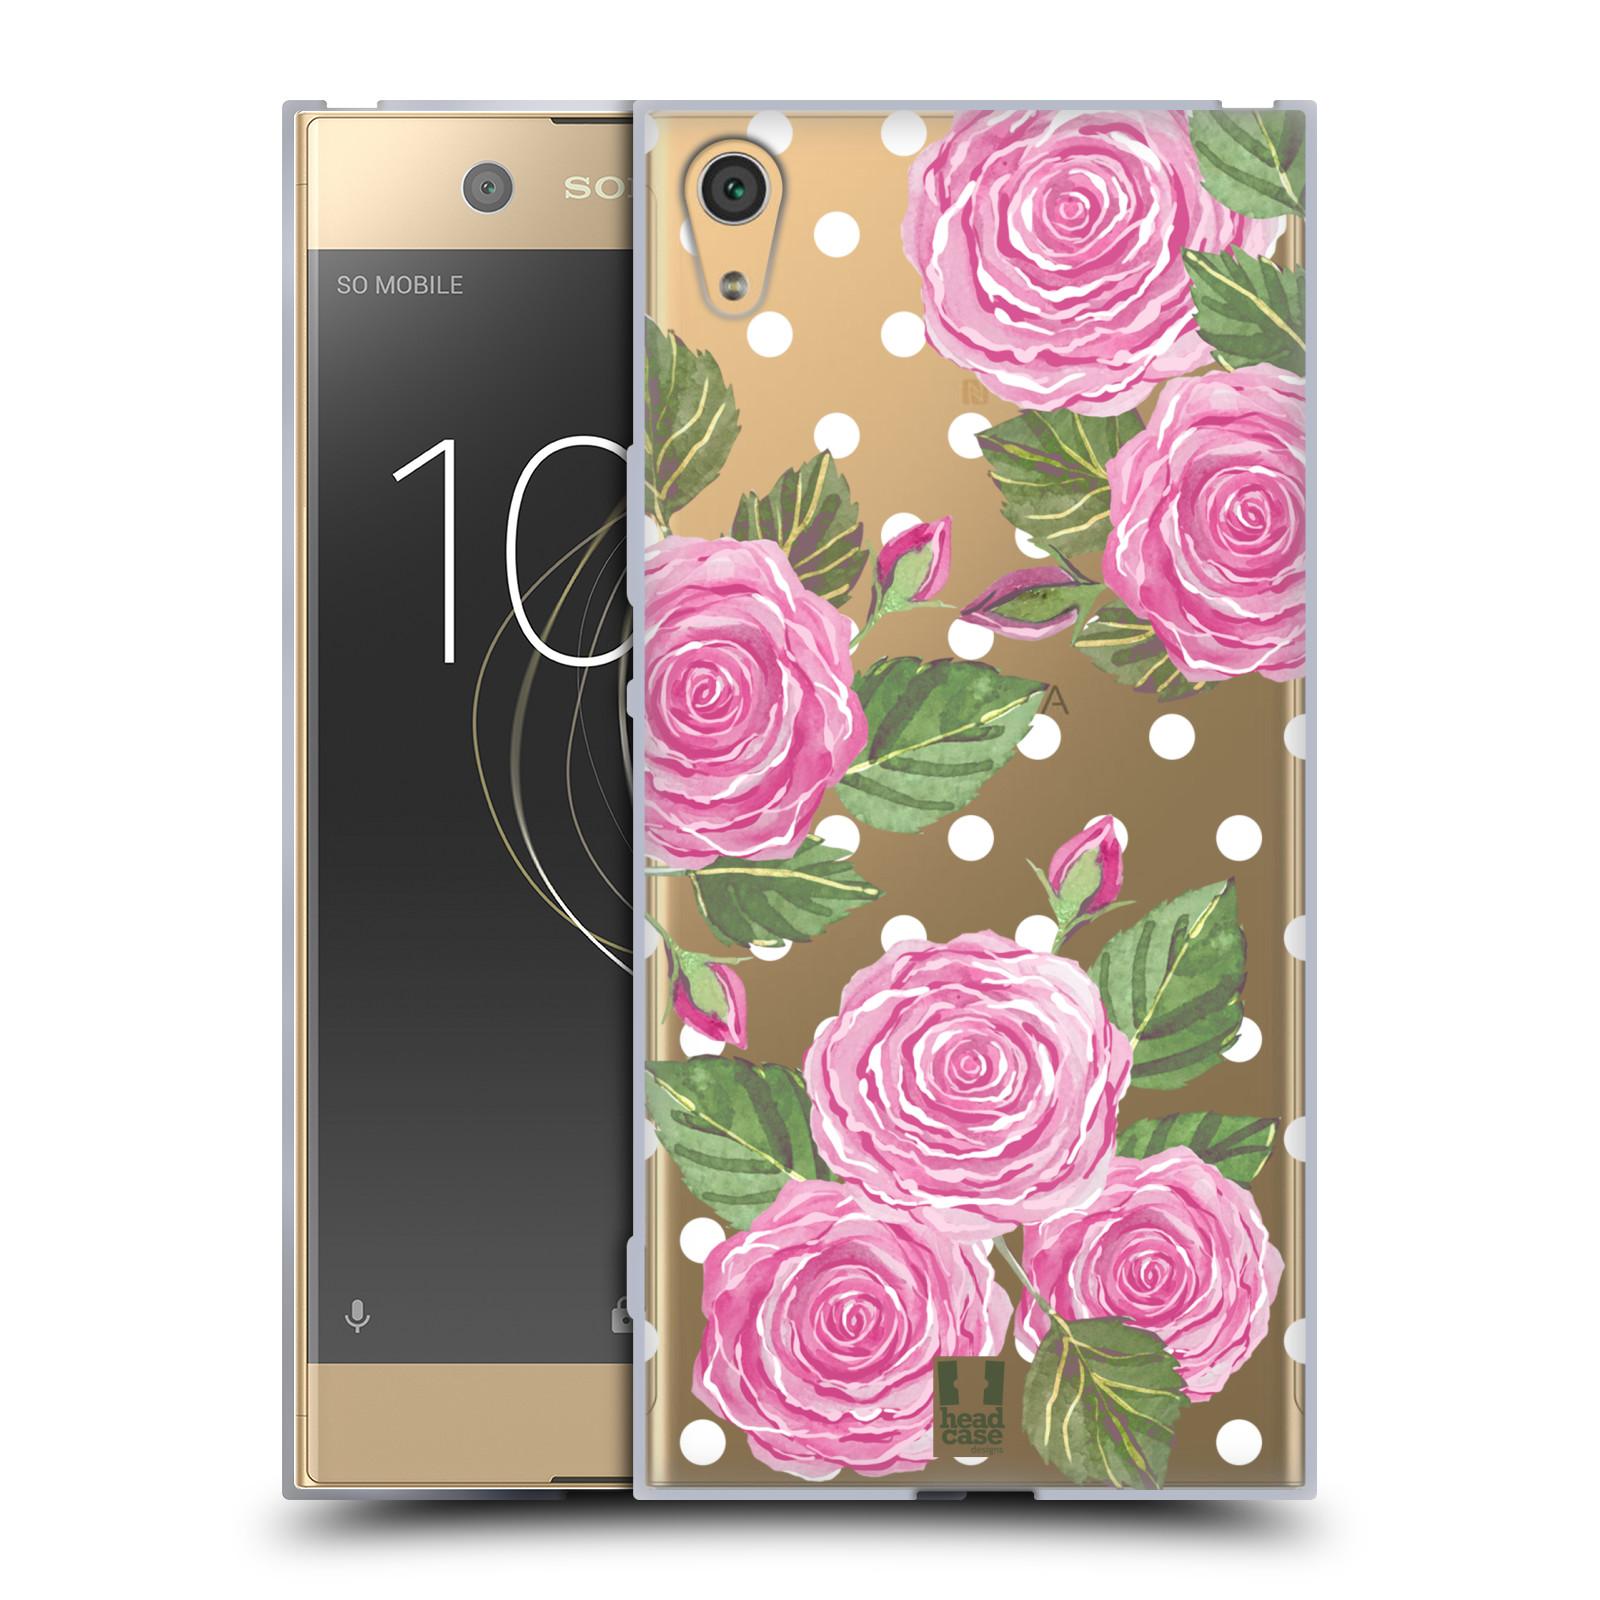 HEAD CASE silikonový obal na mobil Sony Xperia XA1 ULTRA Anglické růže růžová barva